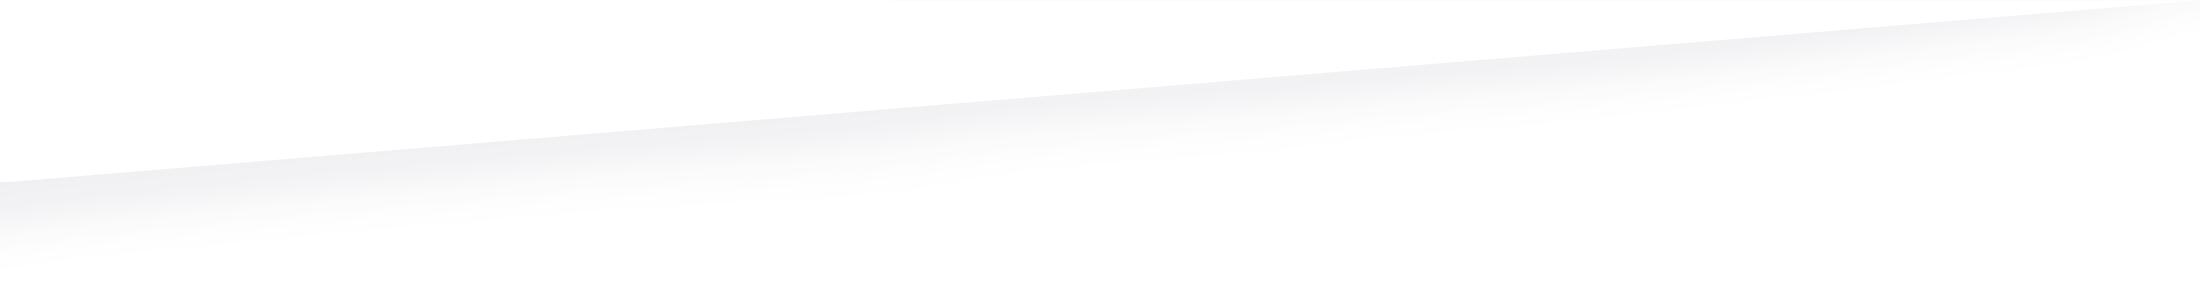 ゾコゾデザイン | ホームページデザイン、ロゴデザイン、グラフィックデザインを専門に制作 | Shadow position-2